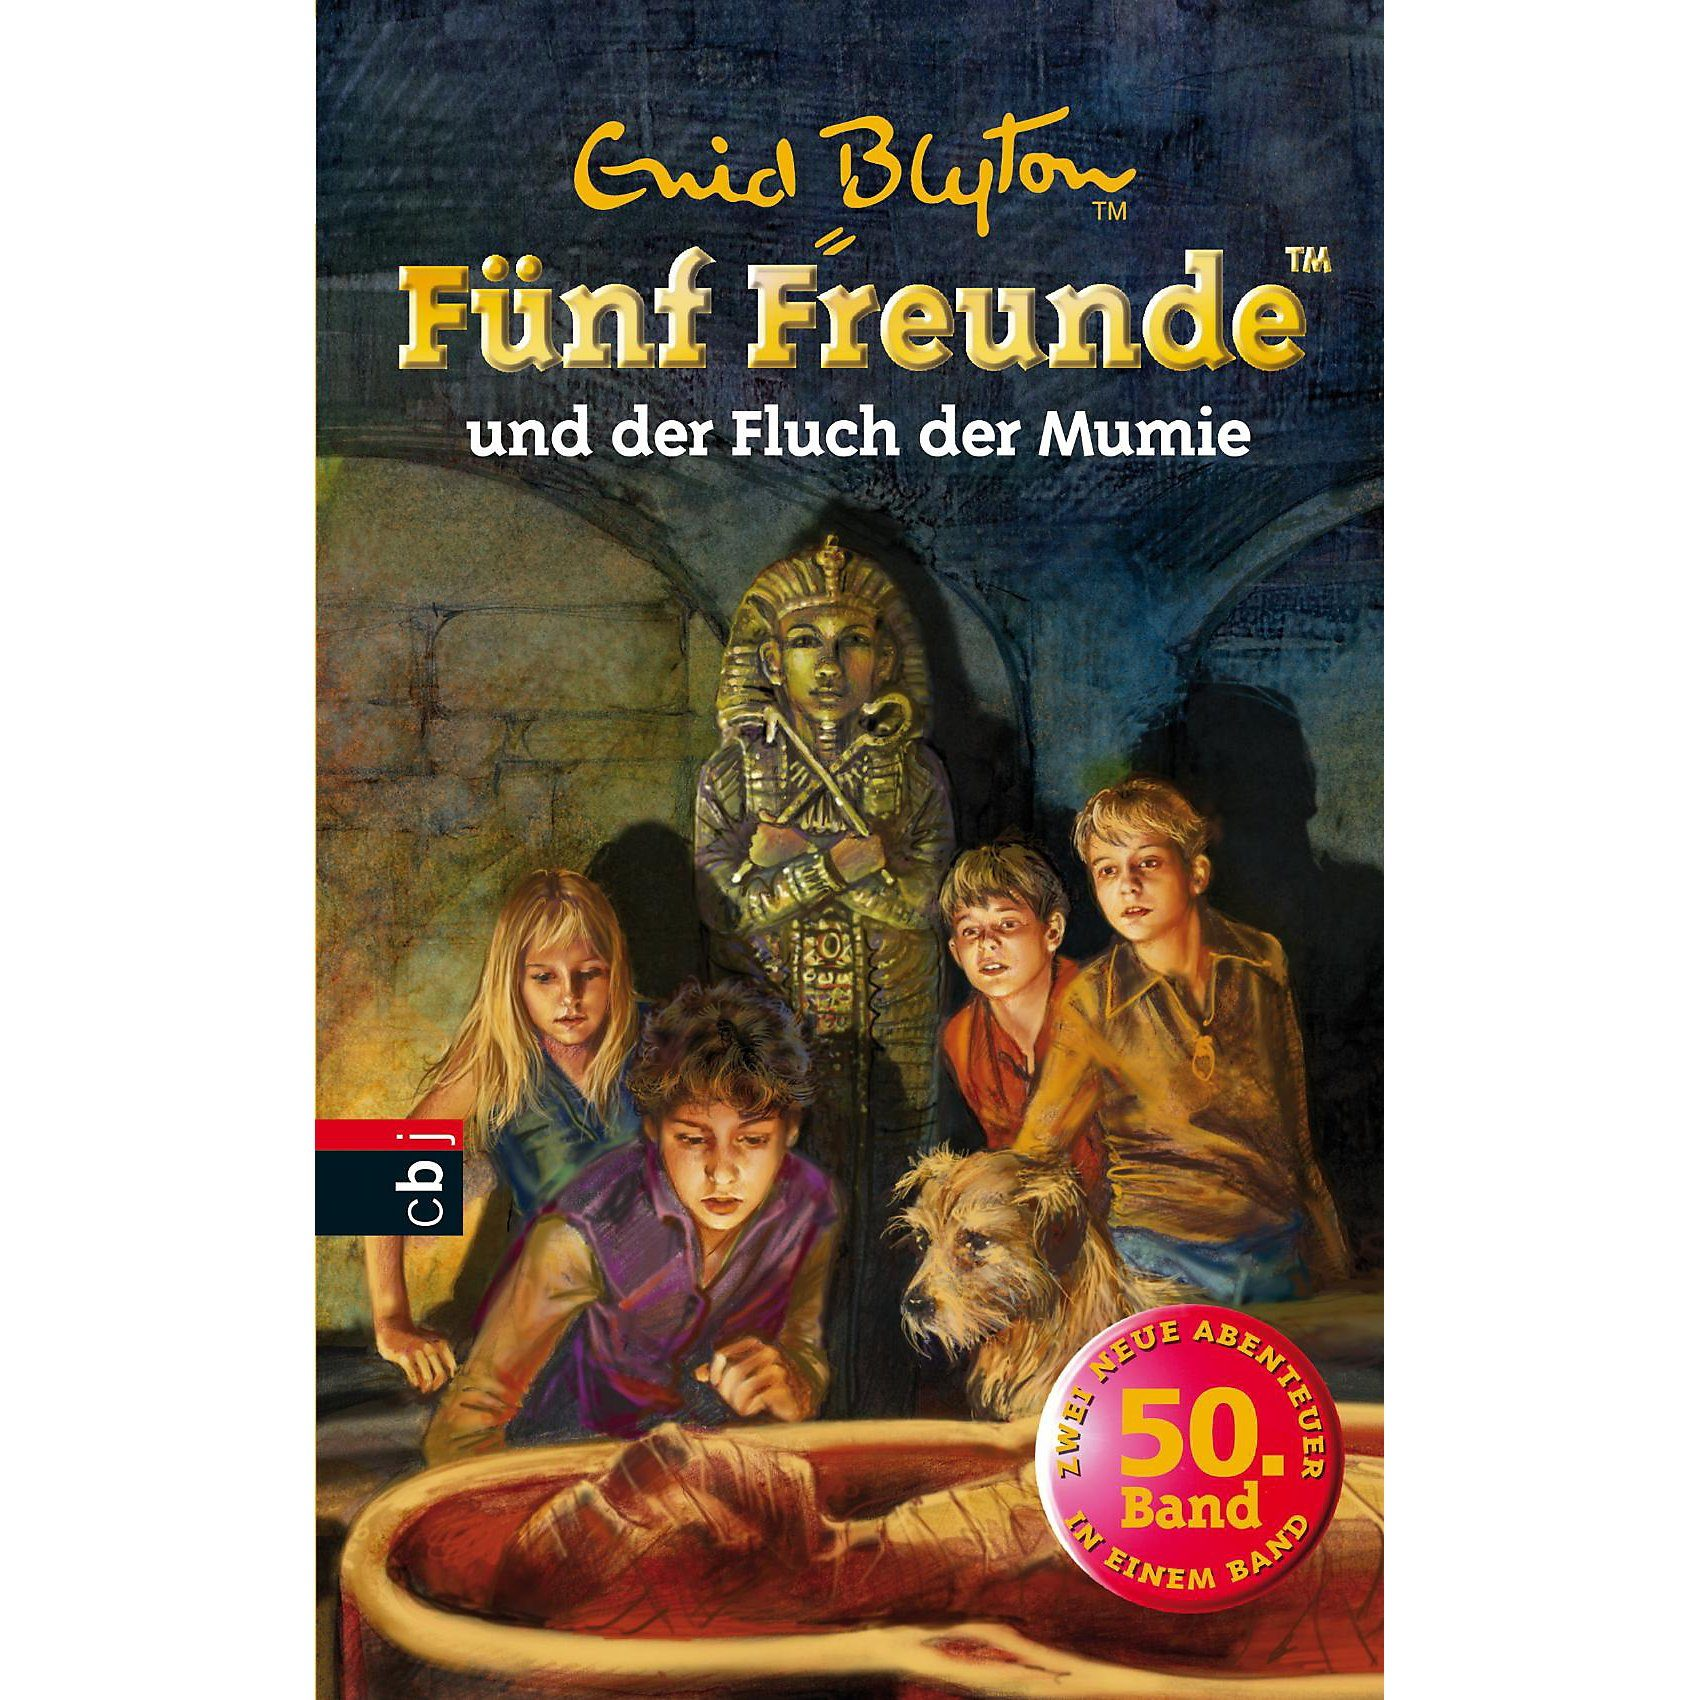 cbj + cbt Verlag Fünf Freunde und der Fluch der Mumie, Sammelband